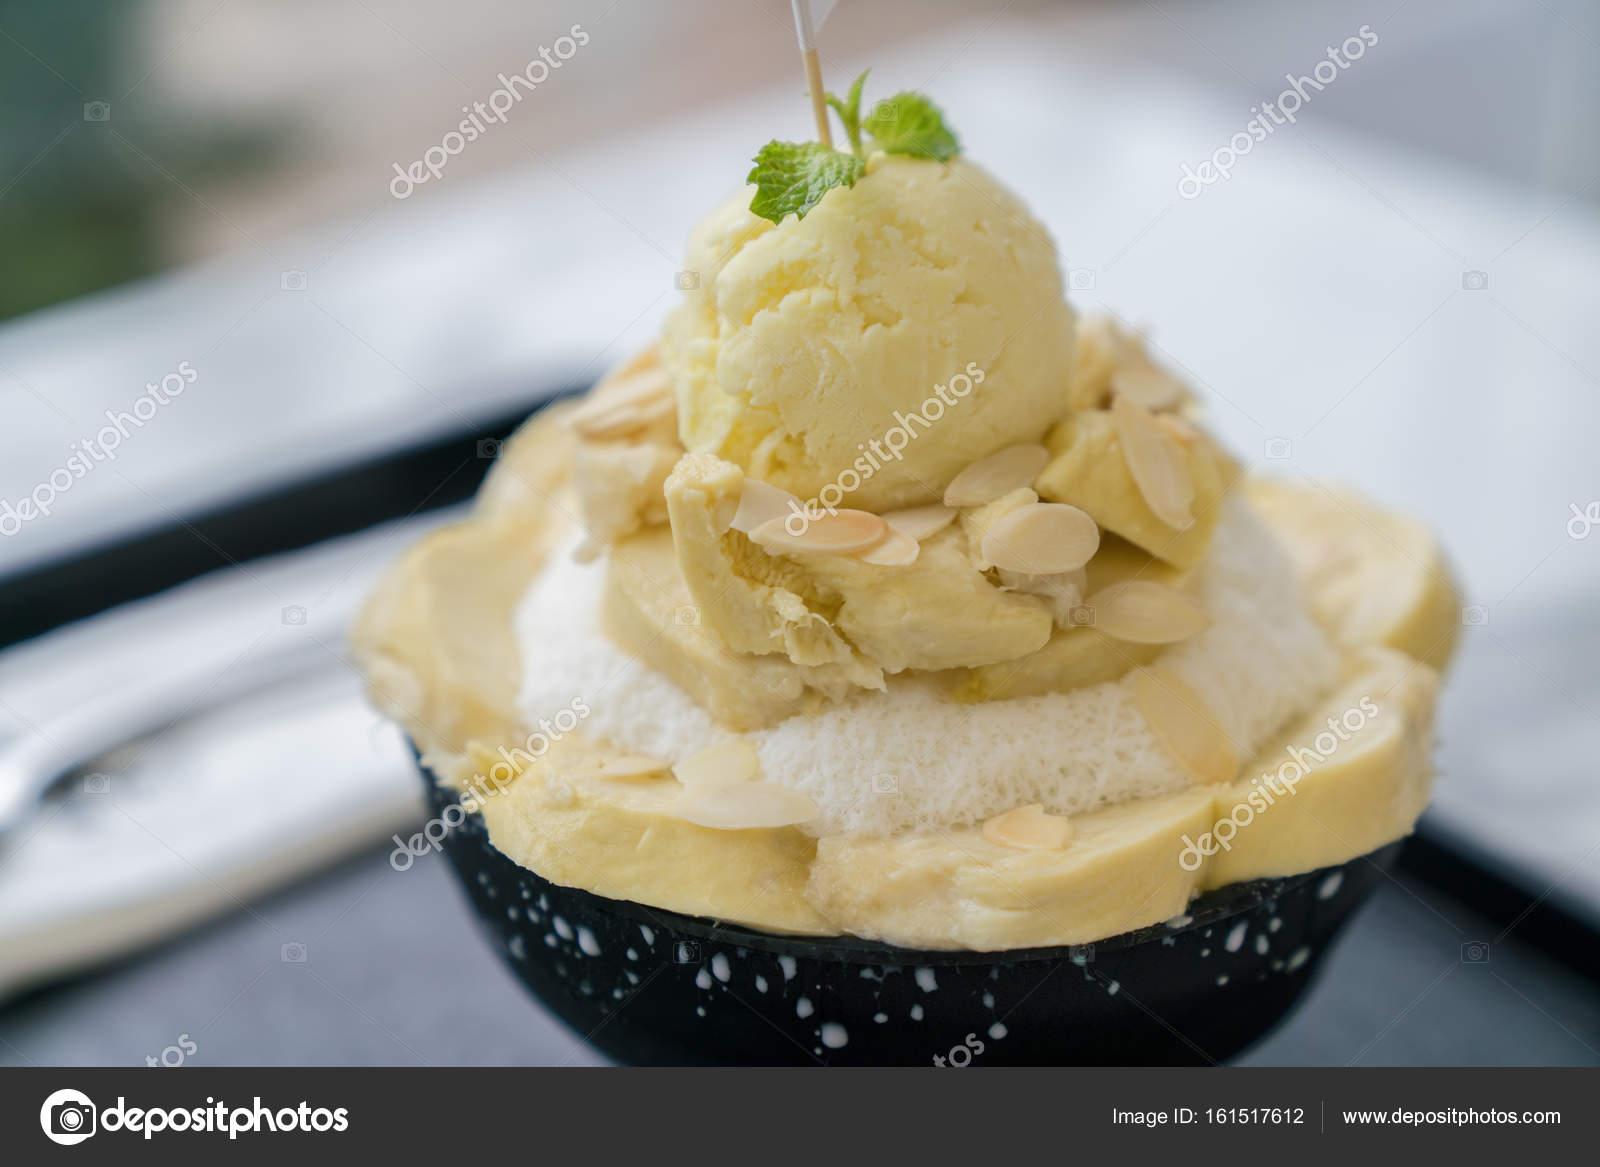 Bingsoo Or Bingsu Korea Dessert Stockfoto C Khajornkiat 161517612